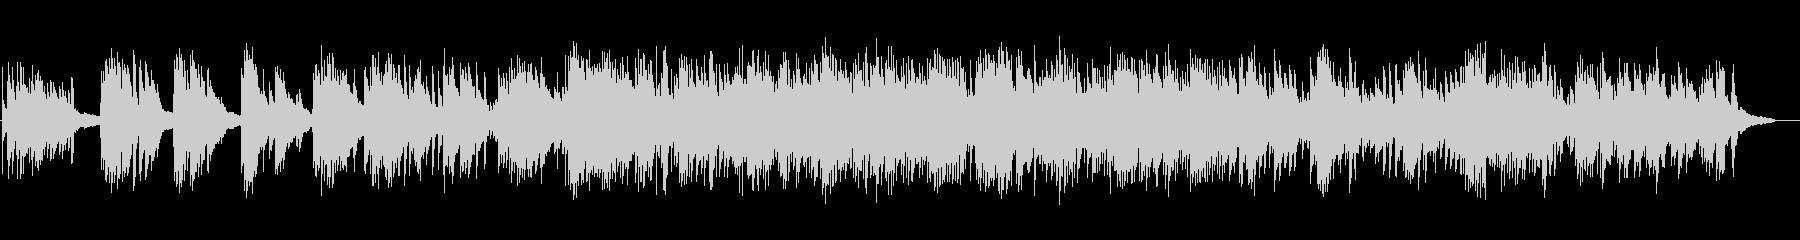 ほのぼの、しんみりなピアノソロの未再生の波形